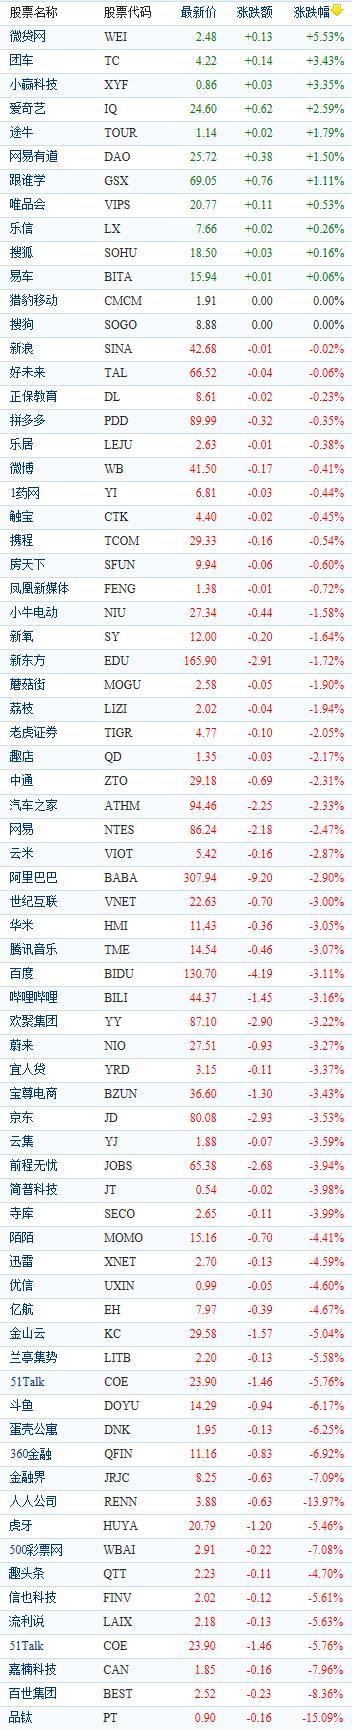 中国概念股周三收盘普遍下跌 品钛重挫逾15%